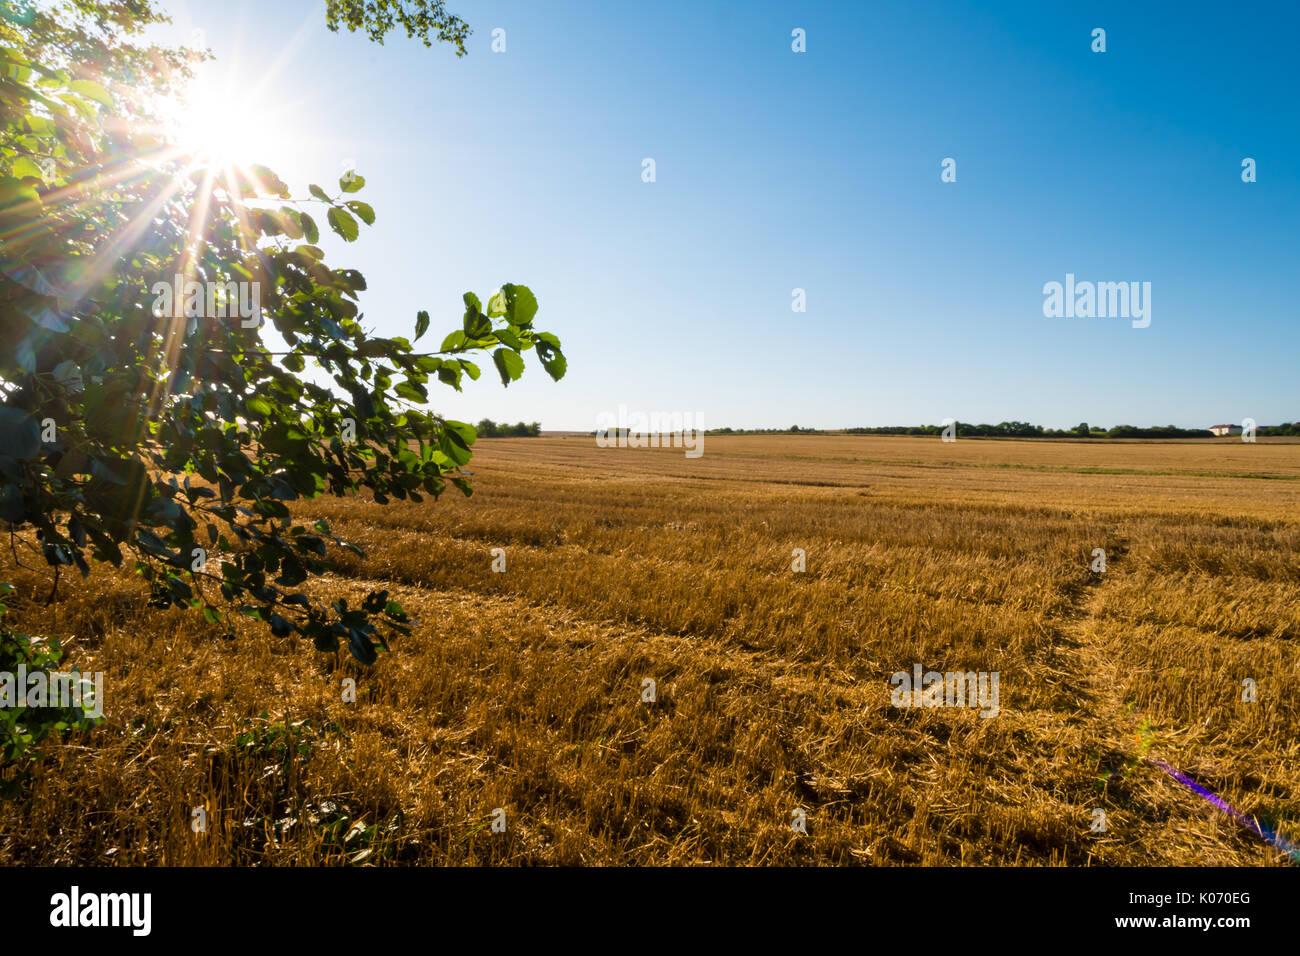 Brown otoño de campo con el árbol en el lado izquierdo con rayos de sol en las ramas. La luz solar directa, limpio cielo azul, sin nubes, el horizonte lejano. Imagen De Stock